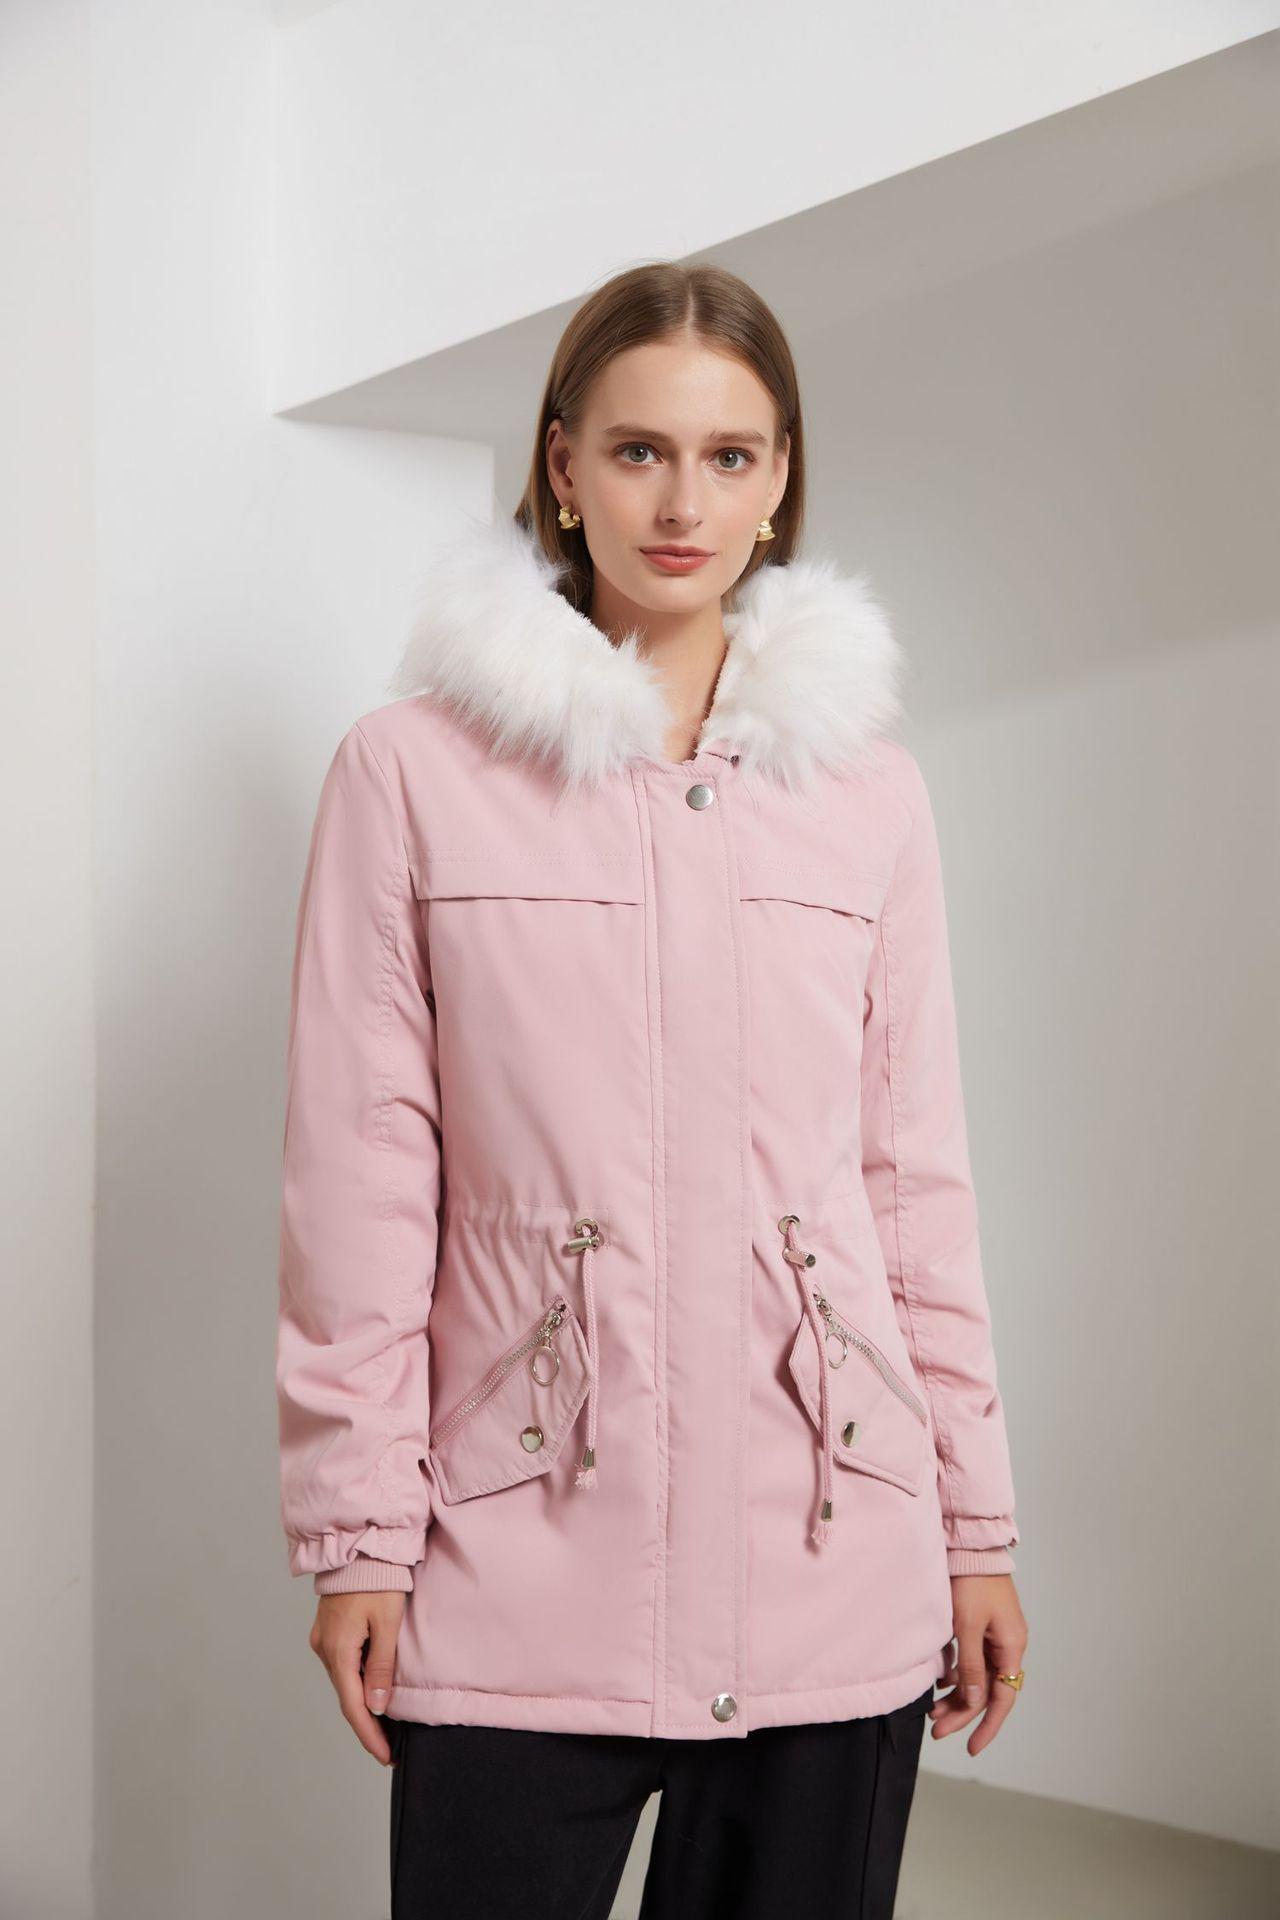 Женская куртка средней длины с хлопковой подкладкой, женская теплая свободная зимняя куртка с меховым воротником, куртка Паркера